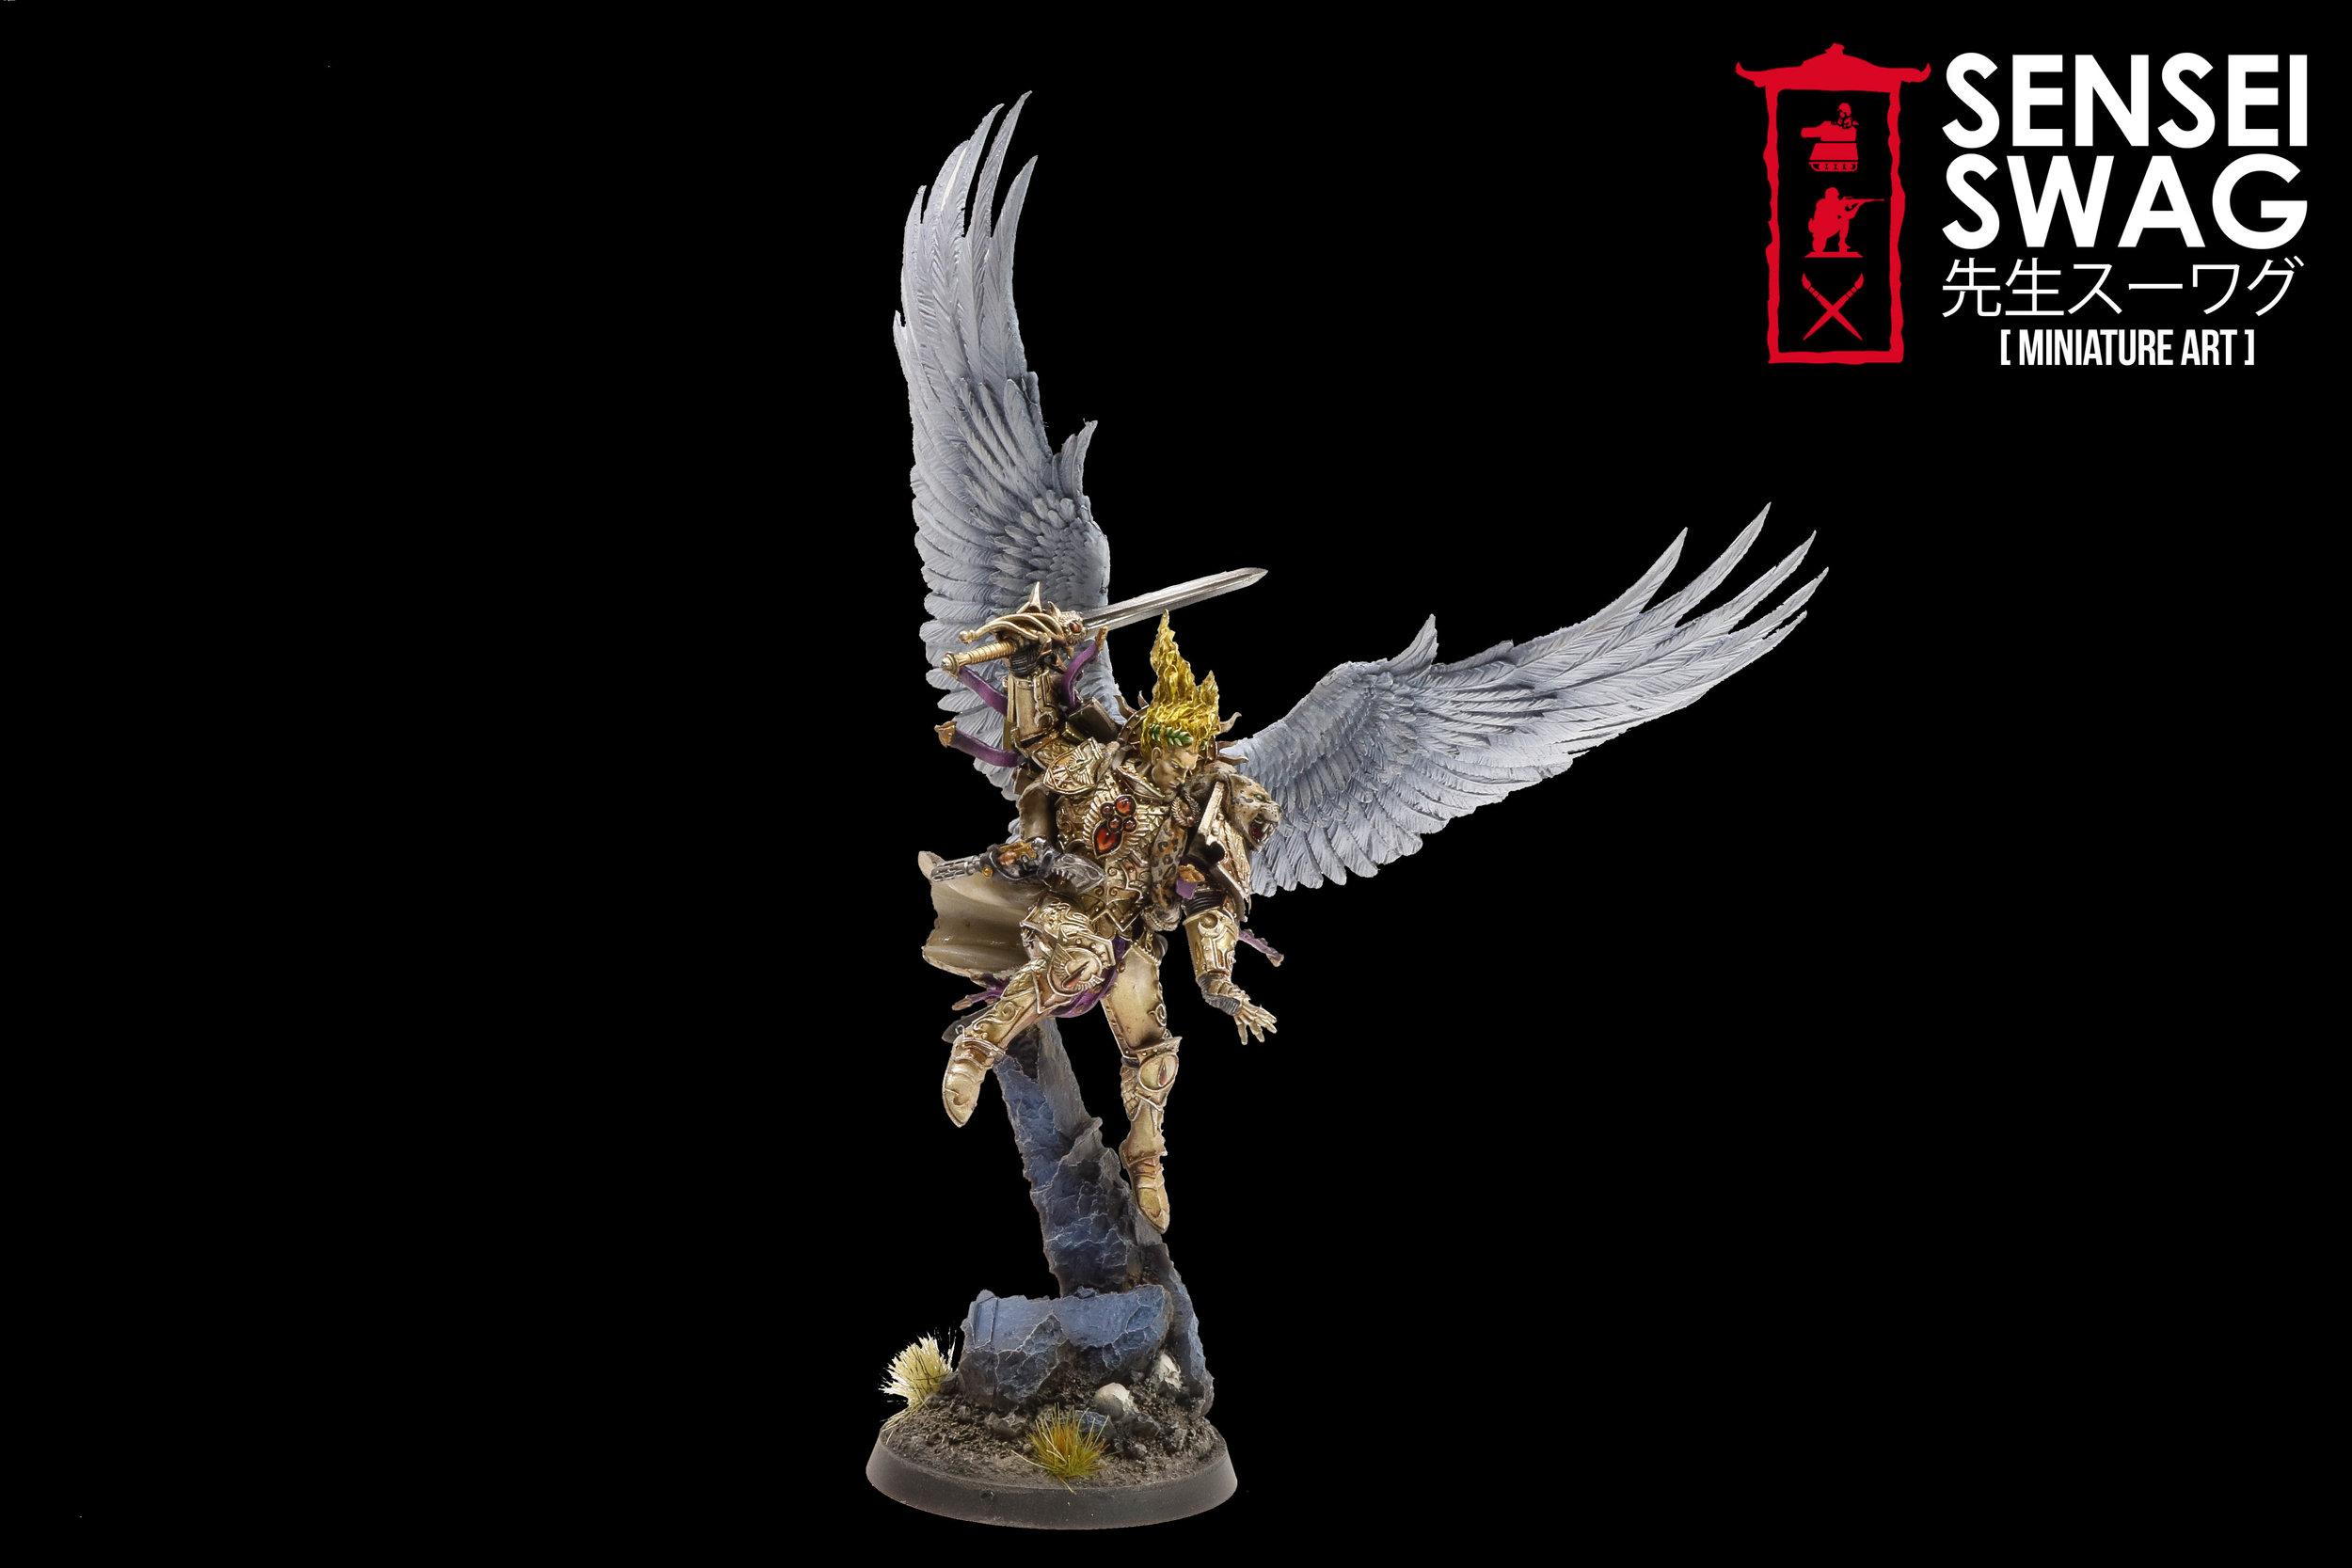 Sanguinius Forgeworld Primarch of the Blood Angels Legion Watermark-5.jpg